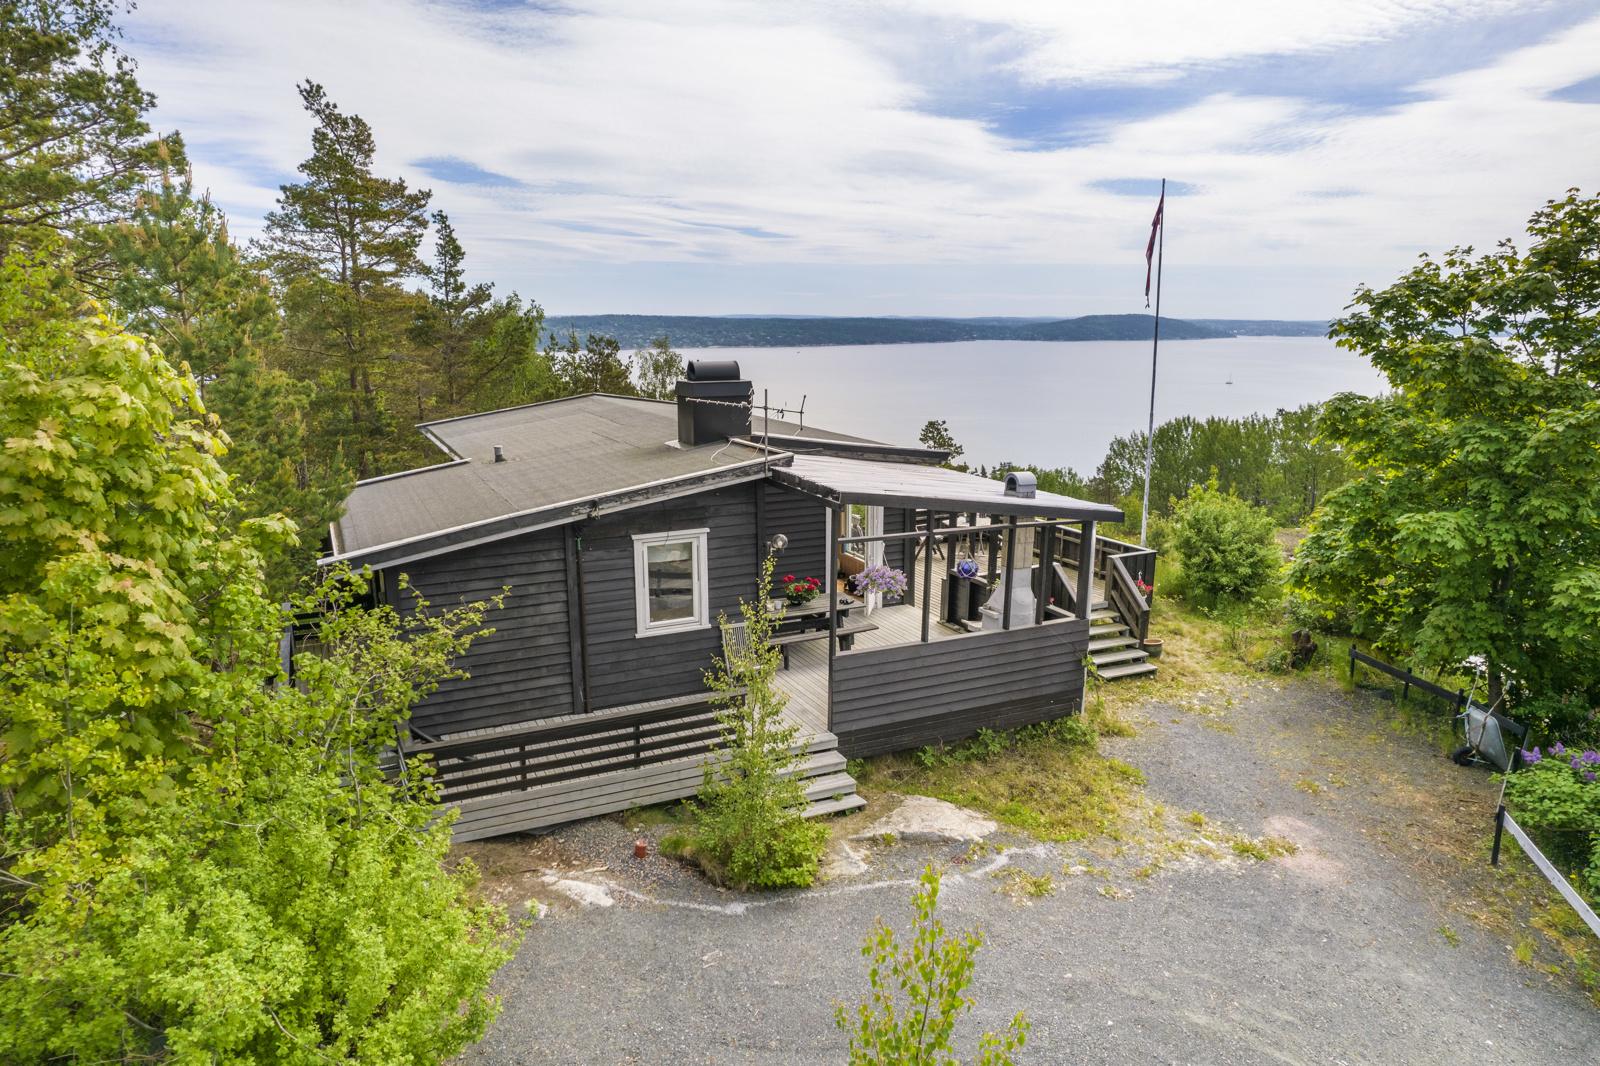 Velkommen til Sevjedammen 26 - Fritidseiendom med utsikt utover Oslofjorden